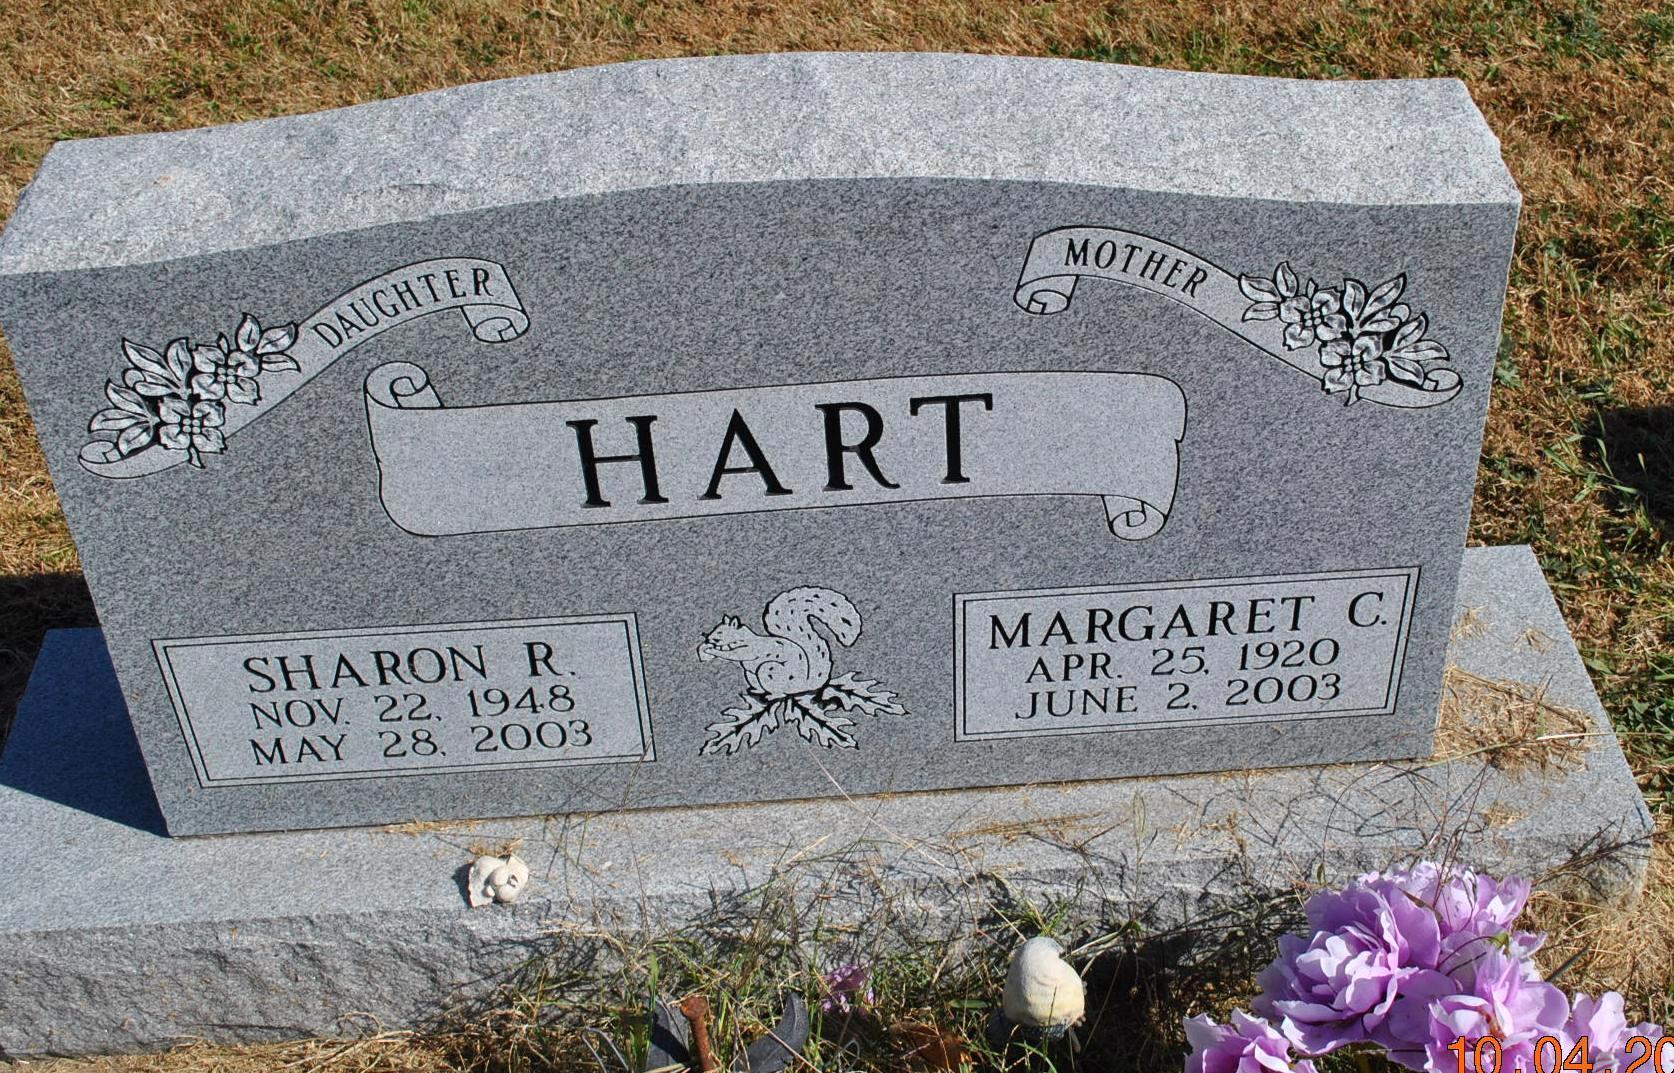 Sharon R. Hart